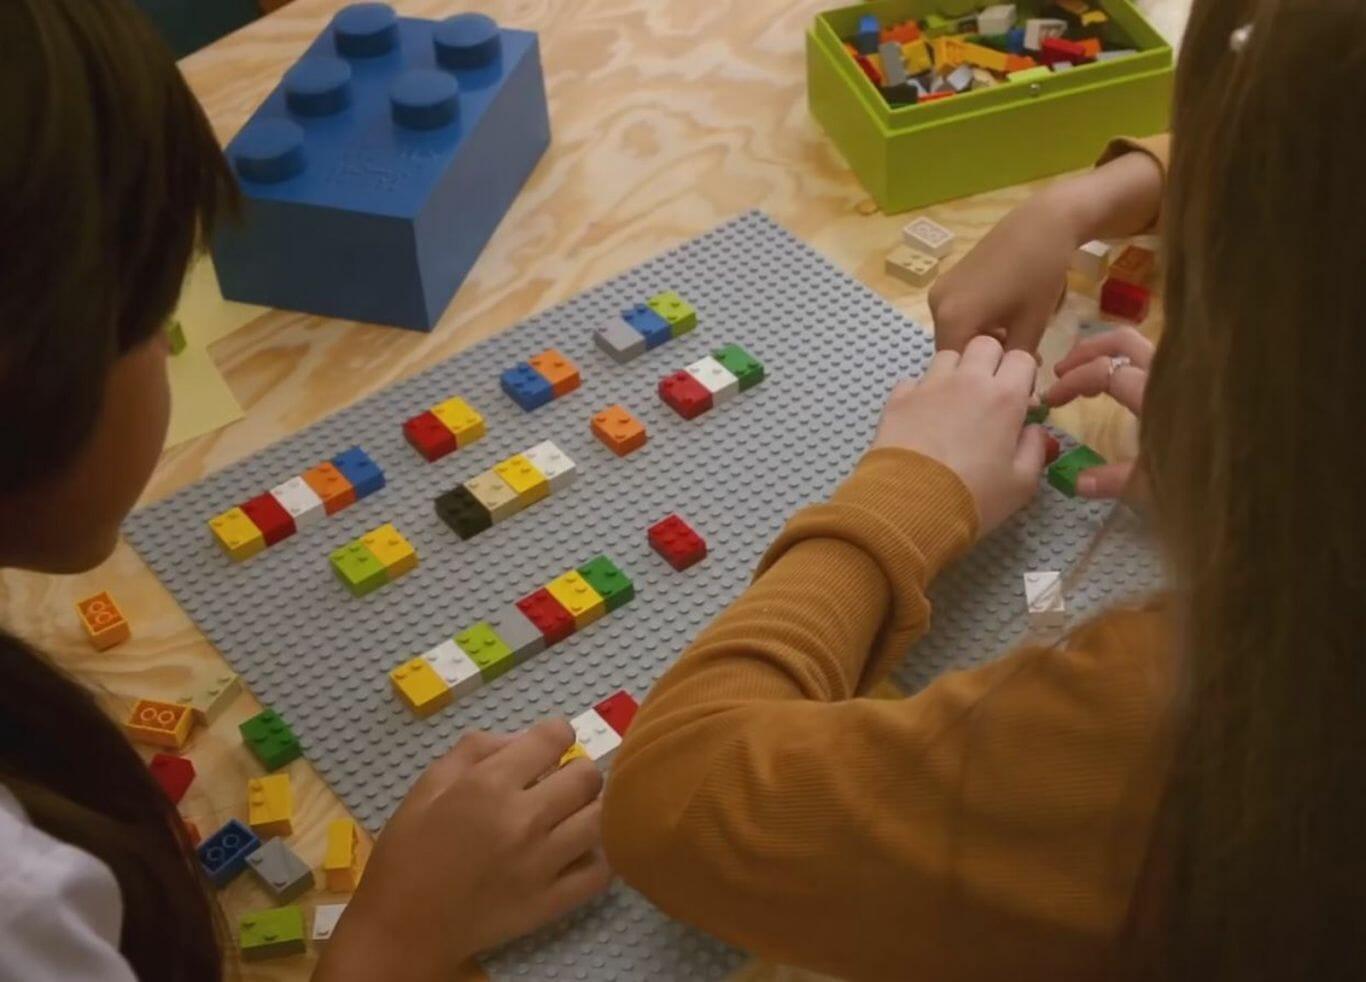 lego braille bricks 3